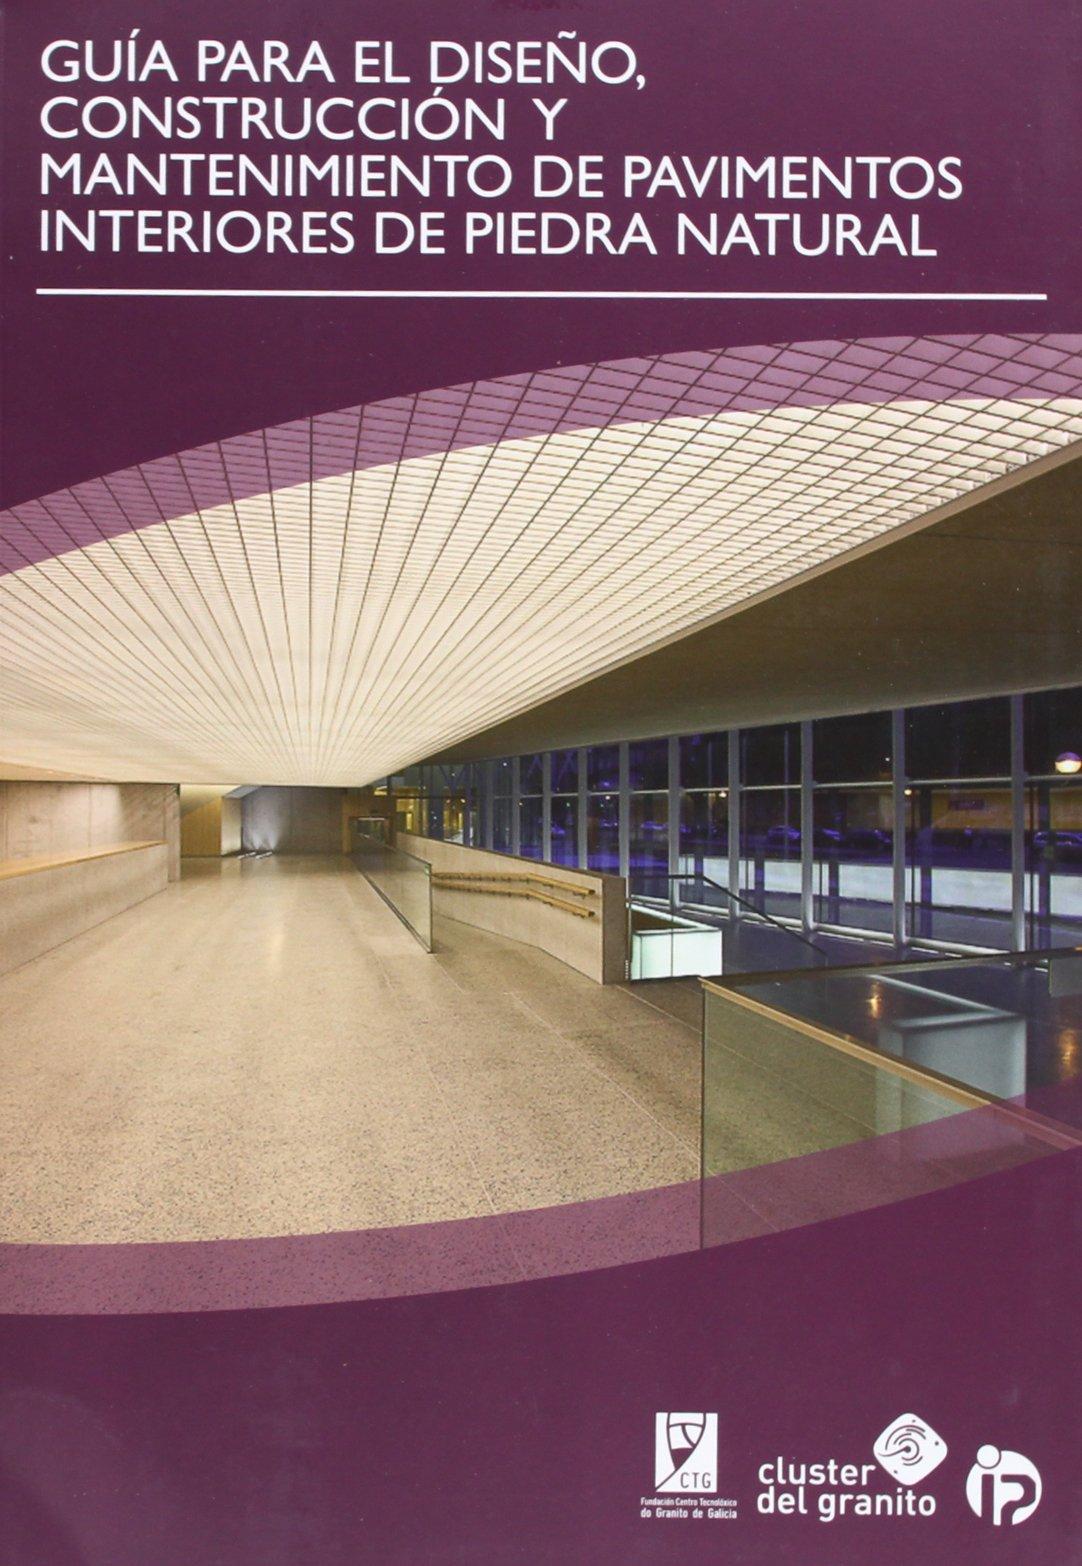 Guía para el diseño, construcción y mantenimiento de pavimentos interiores de piedra natural (Soluciones con piedra)